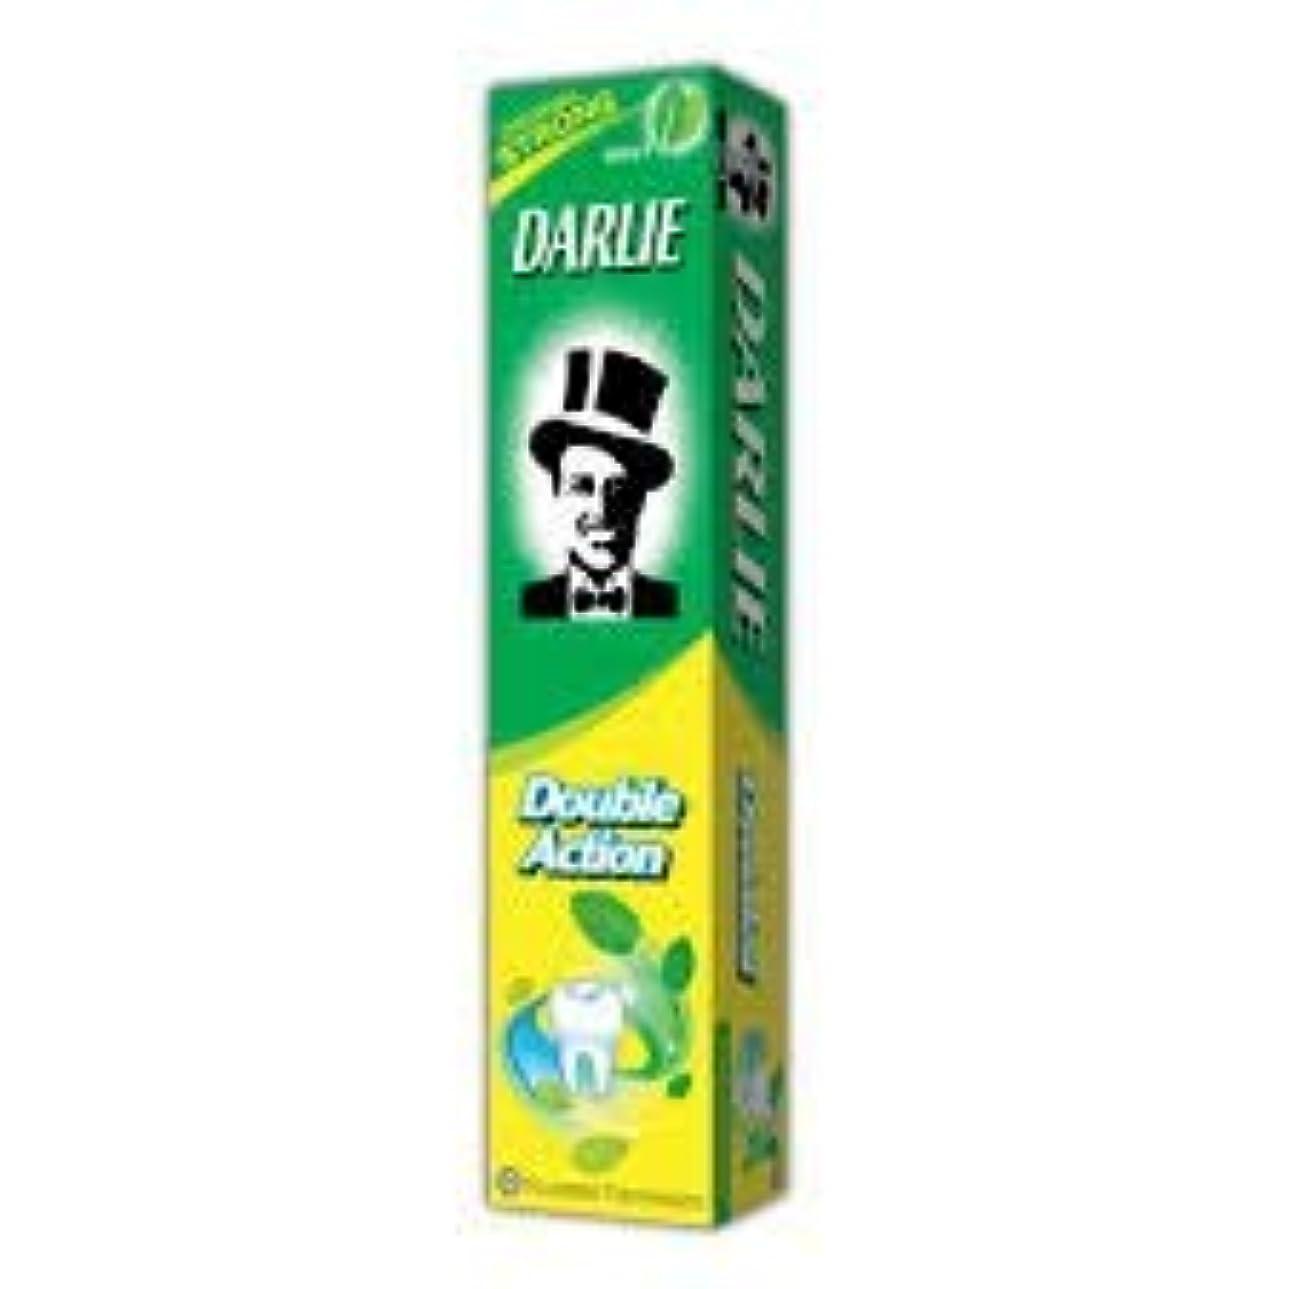 クラッチ船尾摩擦DARLIE 歯磨き粉ジャンボ 250g-12 時間のためのより長く持続する新鮮な息を与える-効果的に経口細菌を減少させます